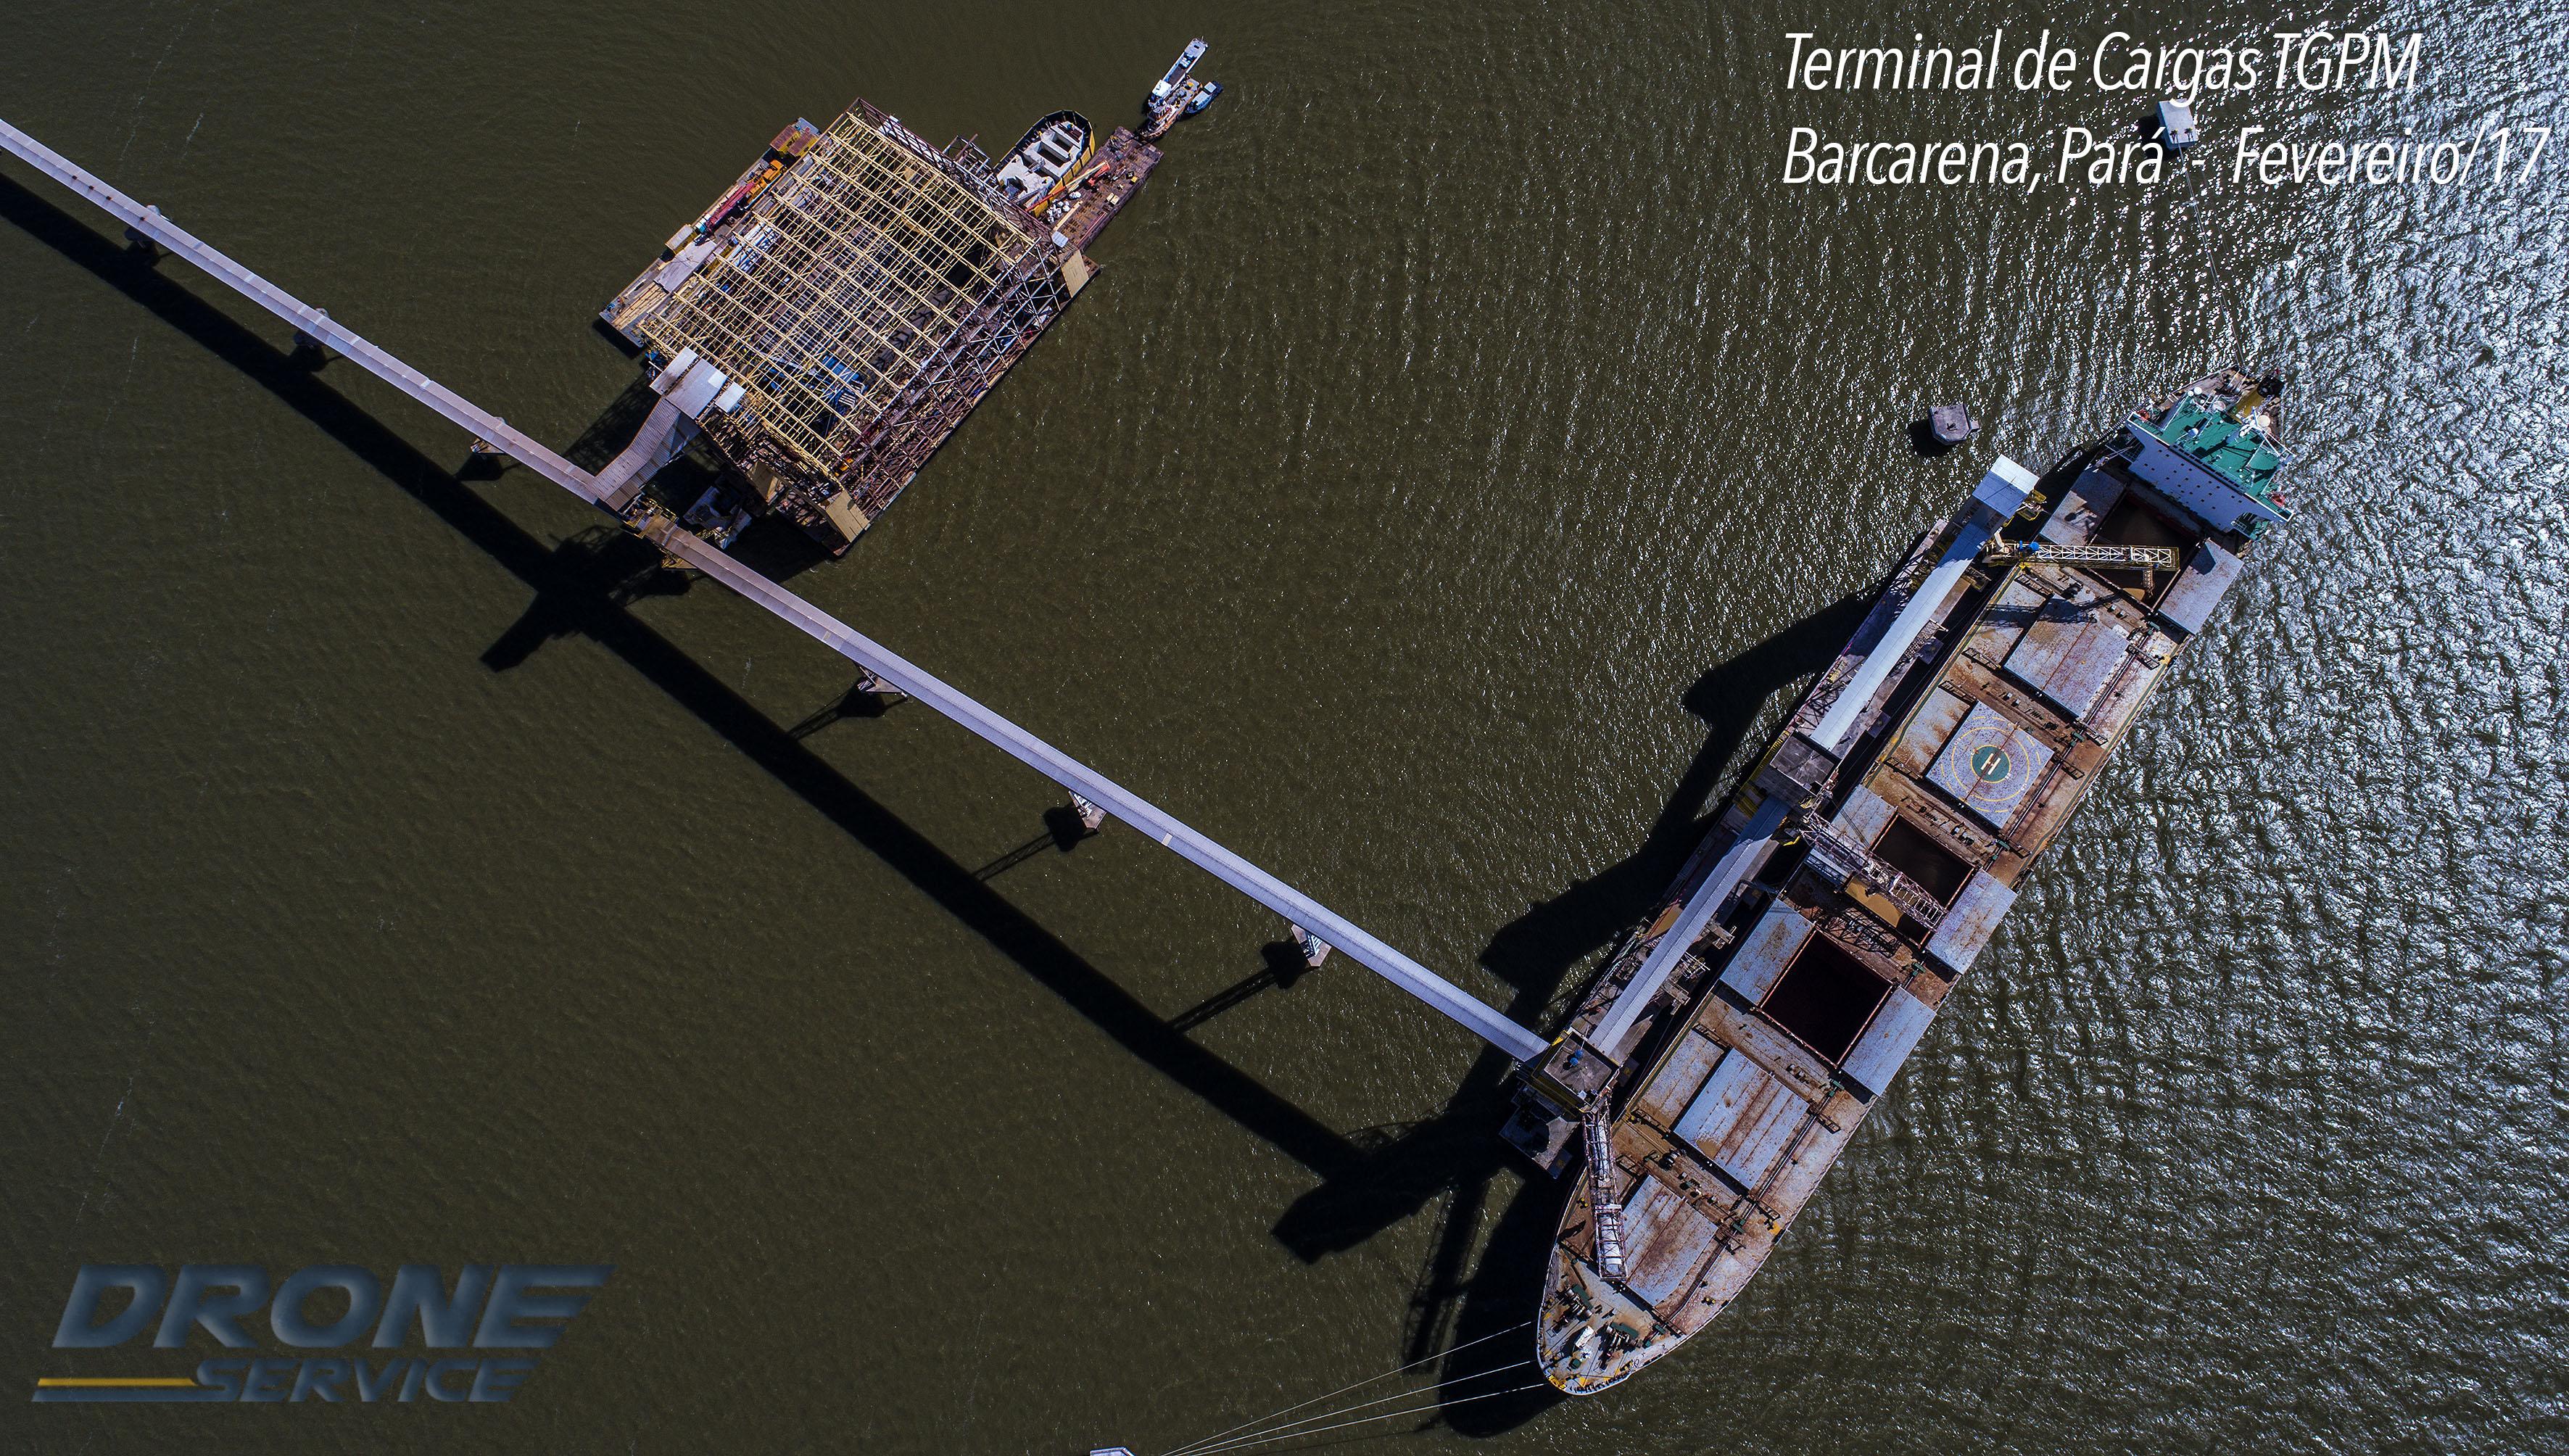 Fotos com drone - Terminal de Cargas